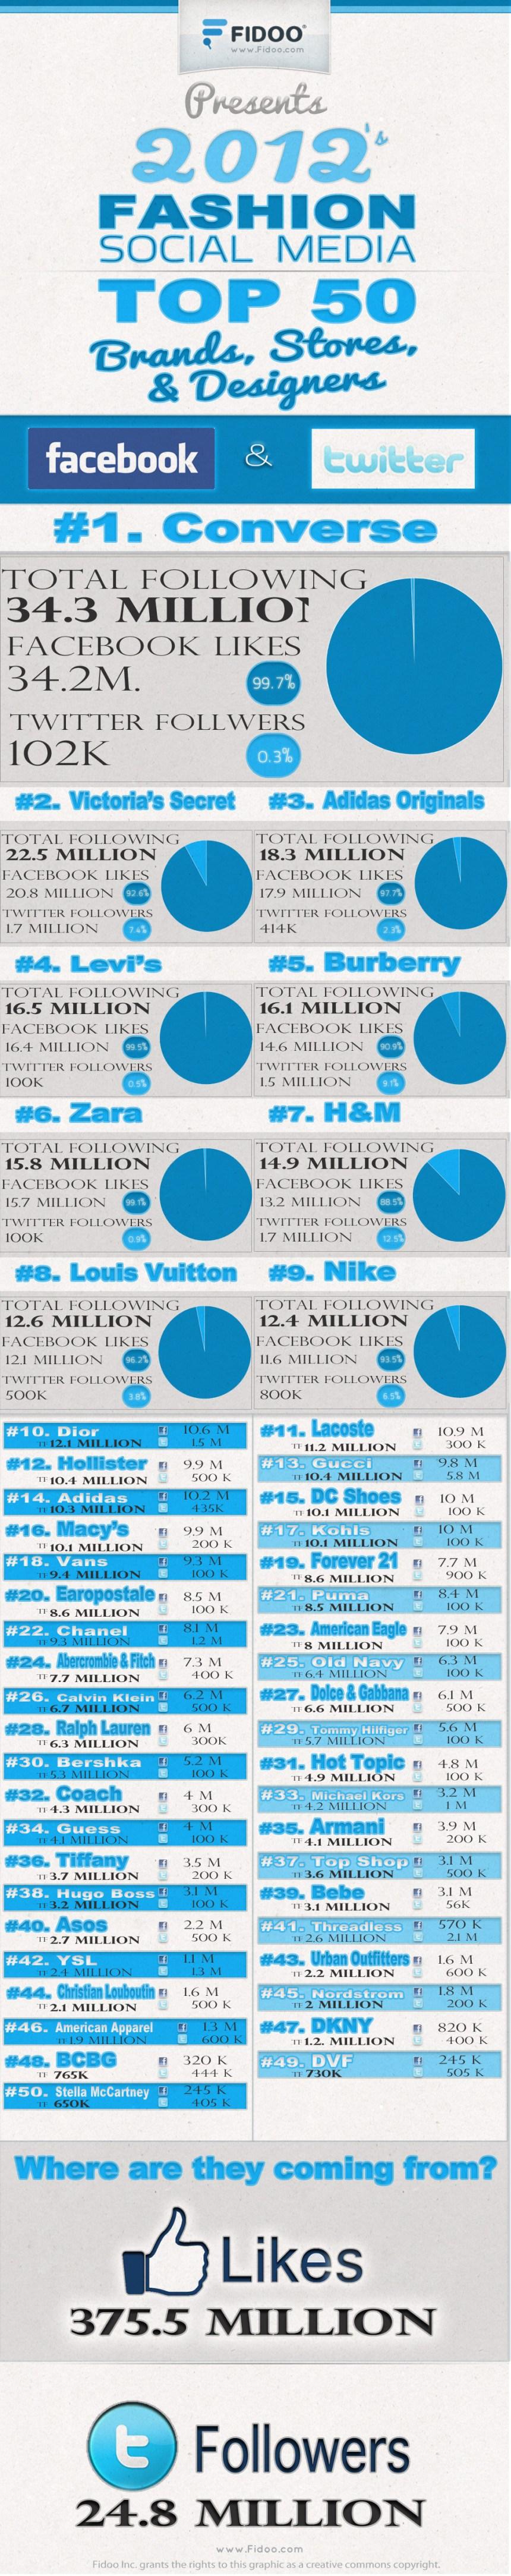 Top 50 marcas en Social Media del mundo de la moda